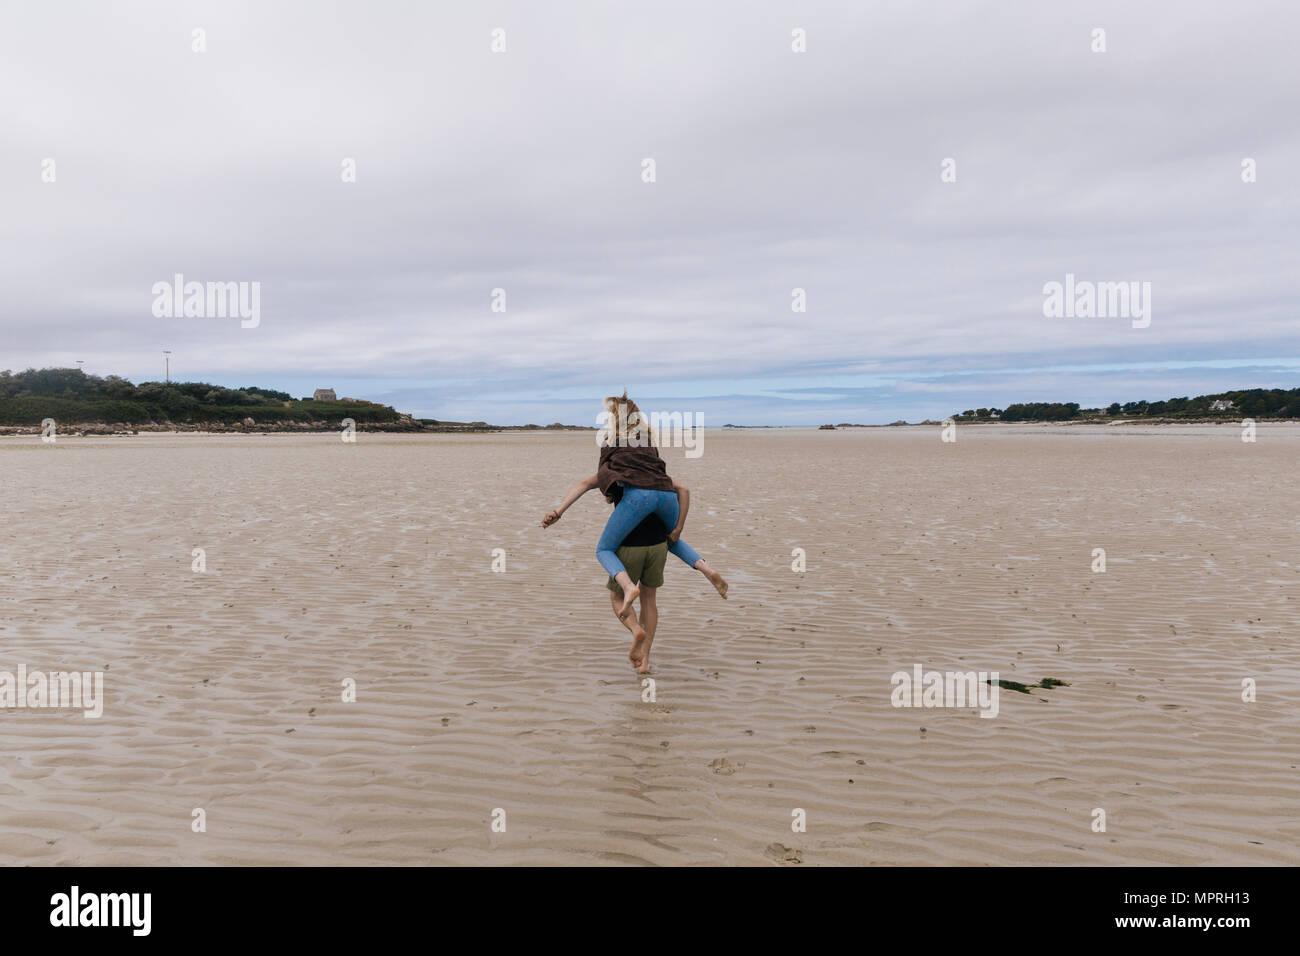 Francia, Bretaña, Guisseny, joven hombre corriendo llevando novia piggyback en la playa Imagen De Stock